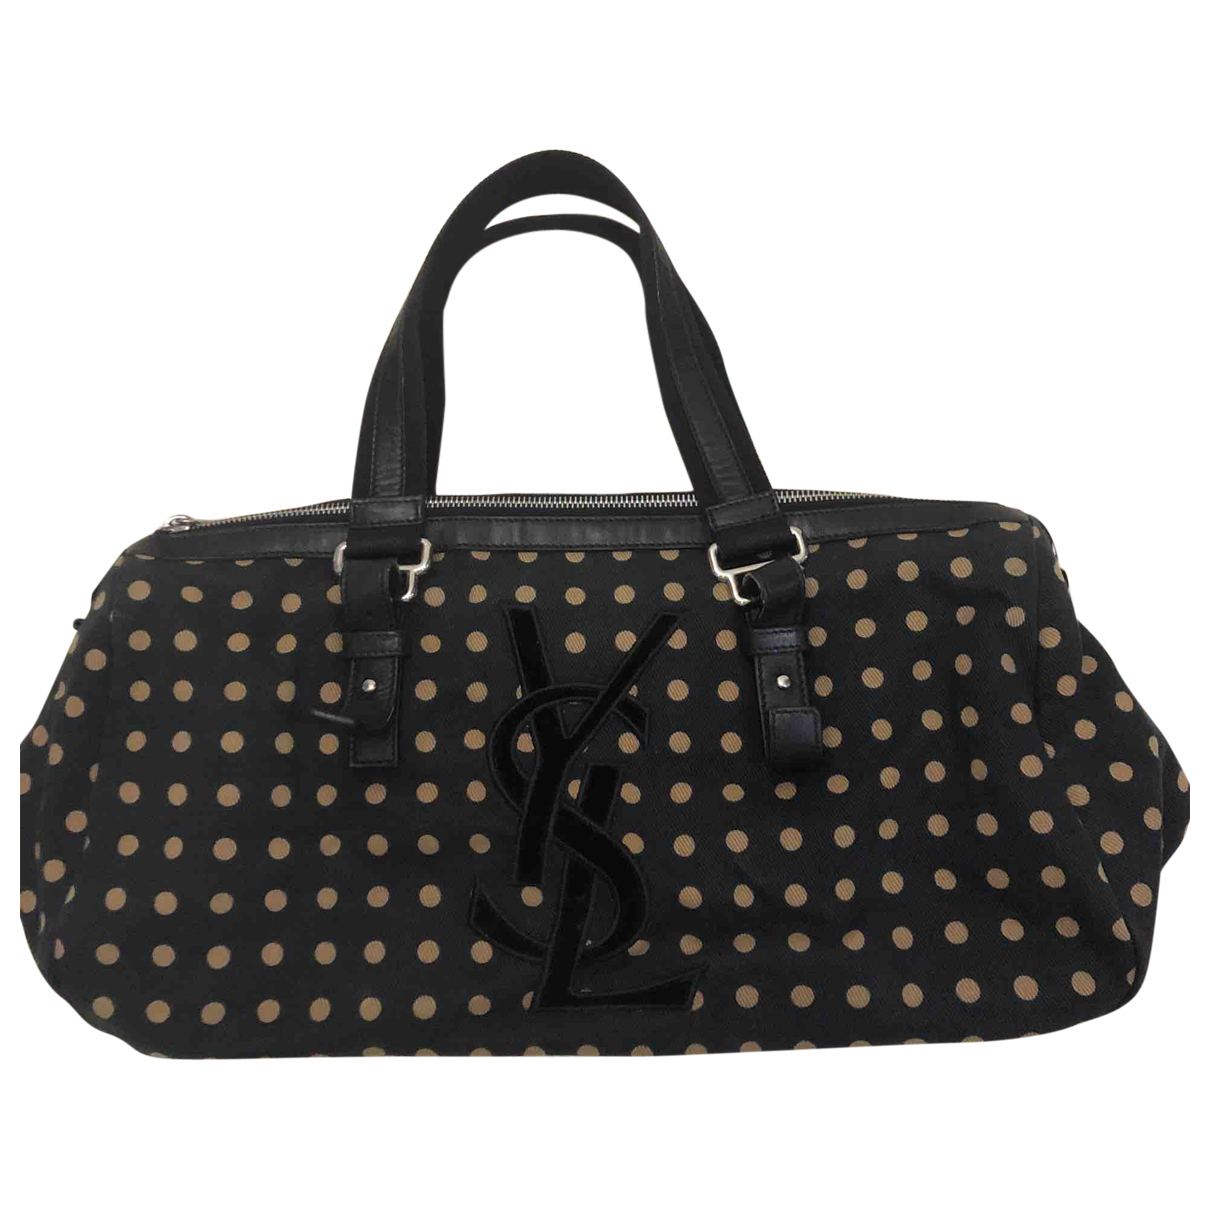 Yves Saint Laurent N Multicolour Denim - Jeans handbag for Women N